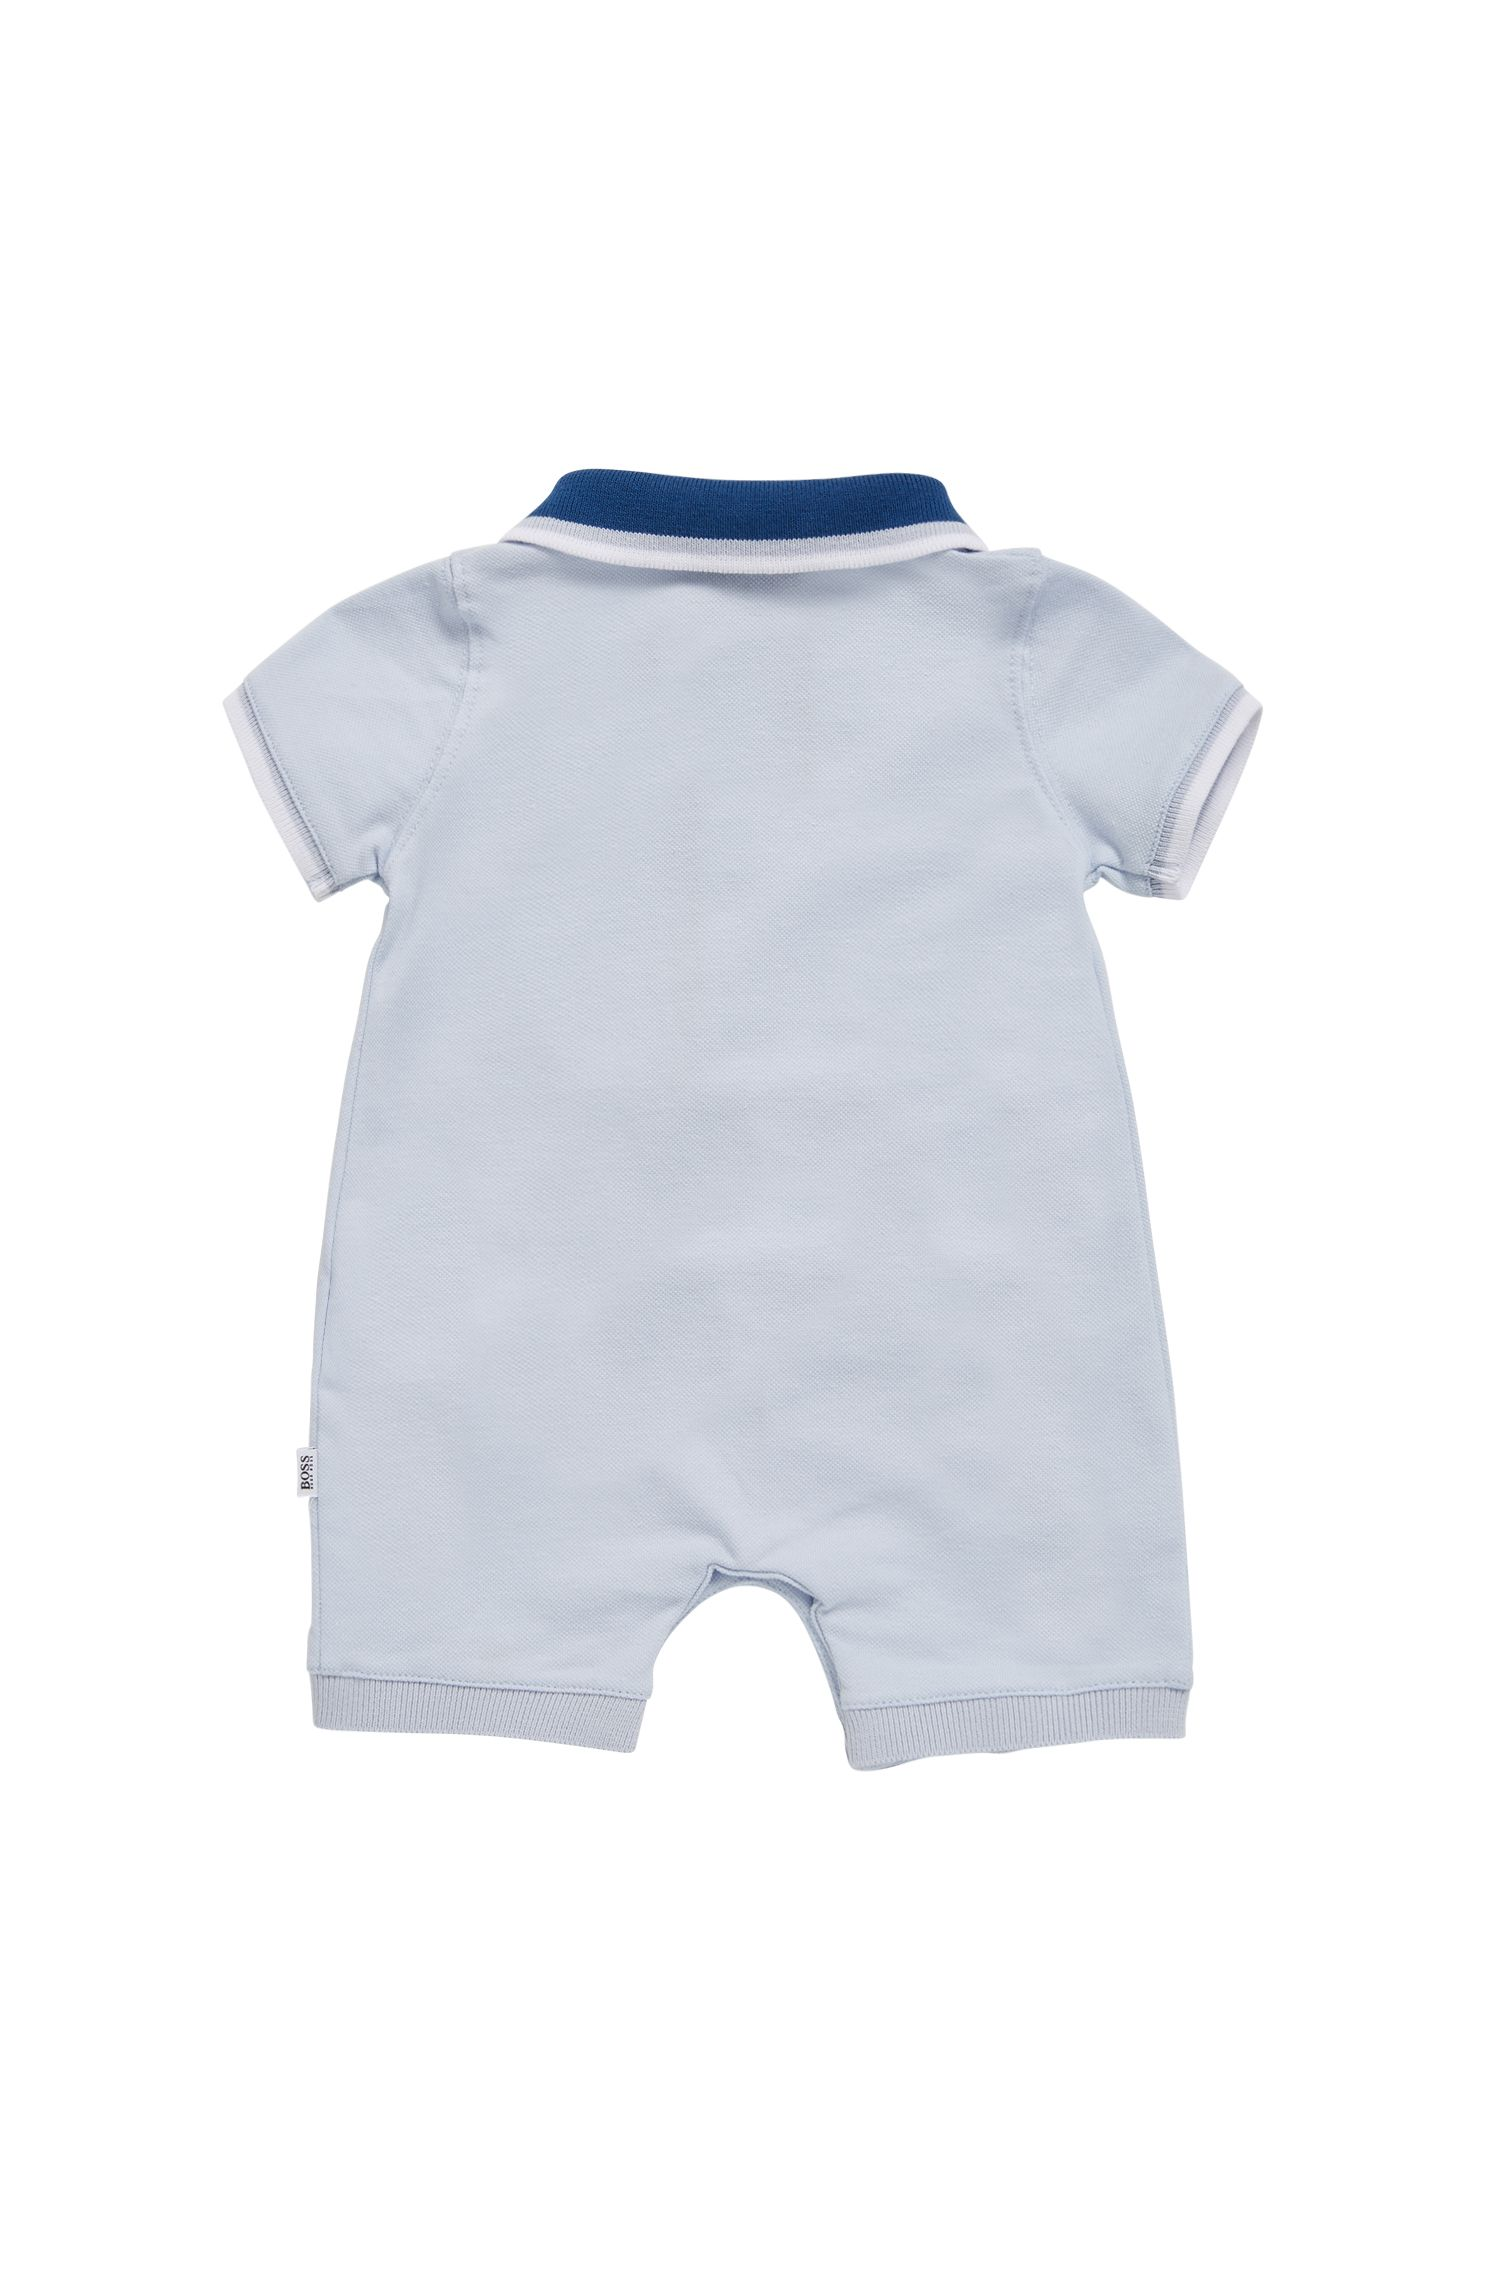 Hugo Boss - Combishort pour bébé en piqué de coton stretch - 2